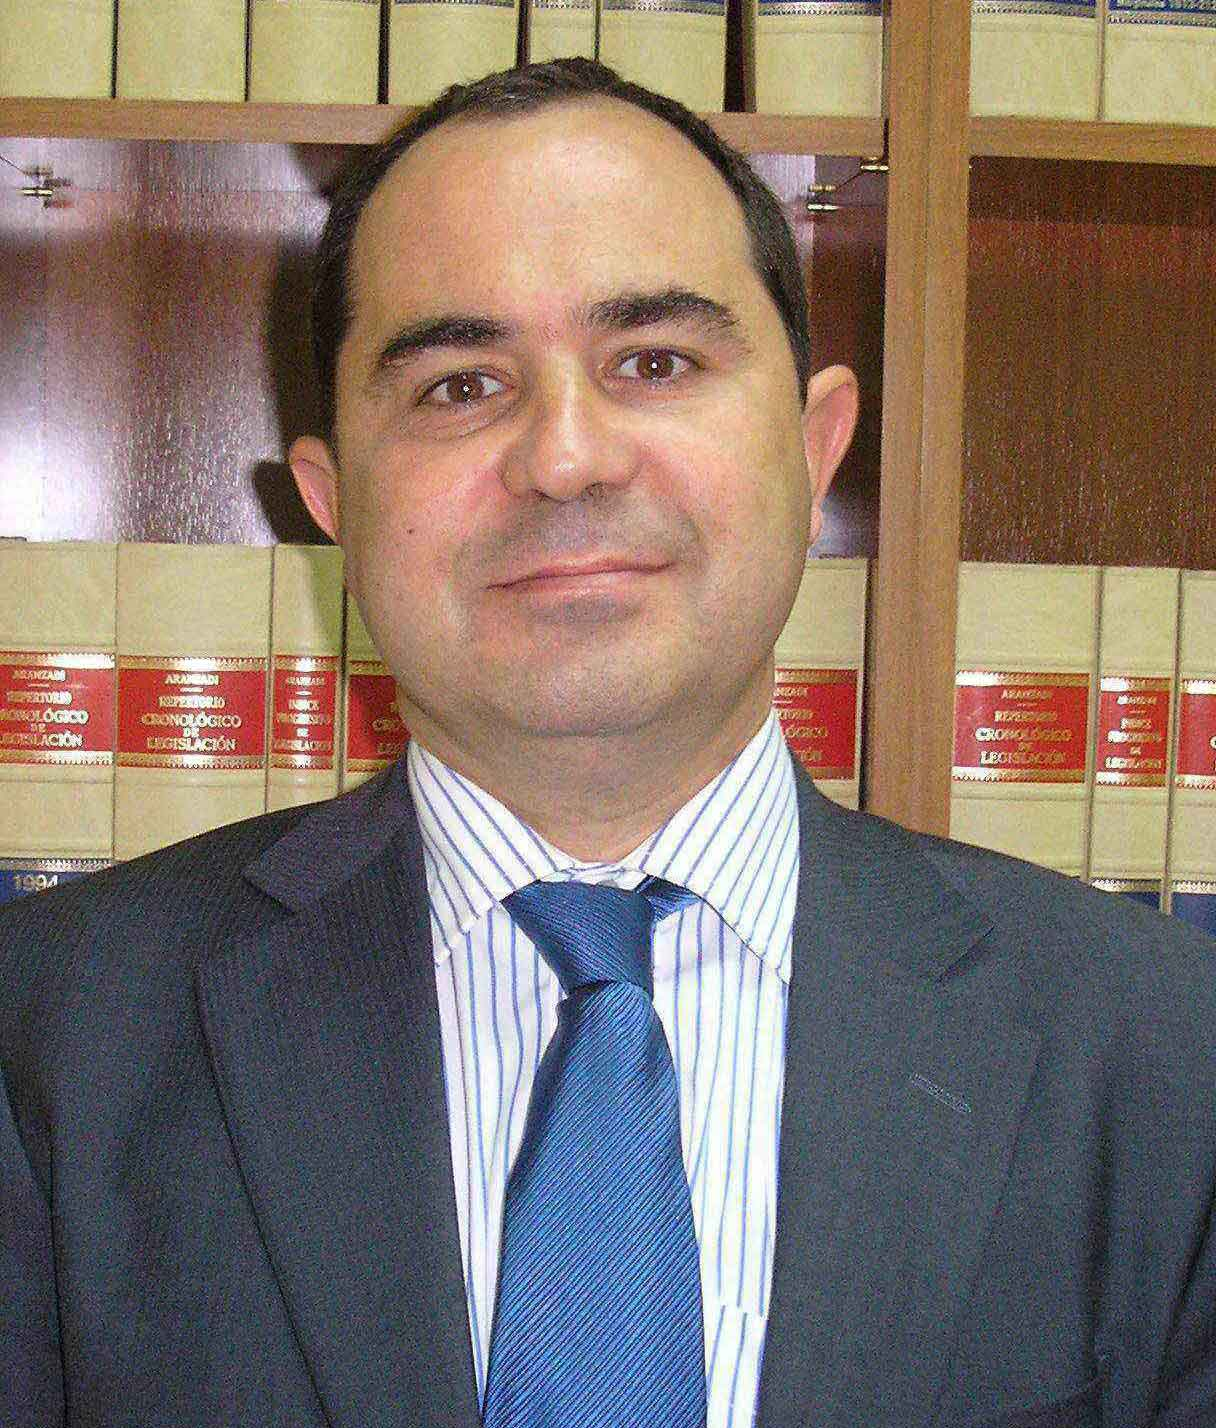 JOSÉ MIGUEL BENITO NOTARIO